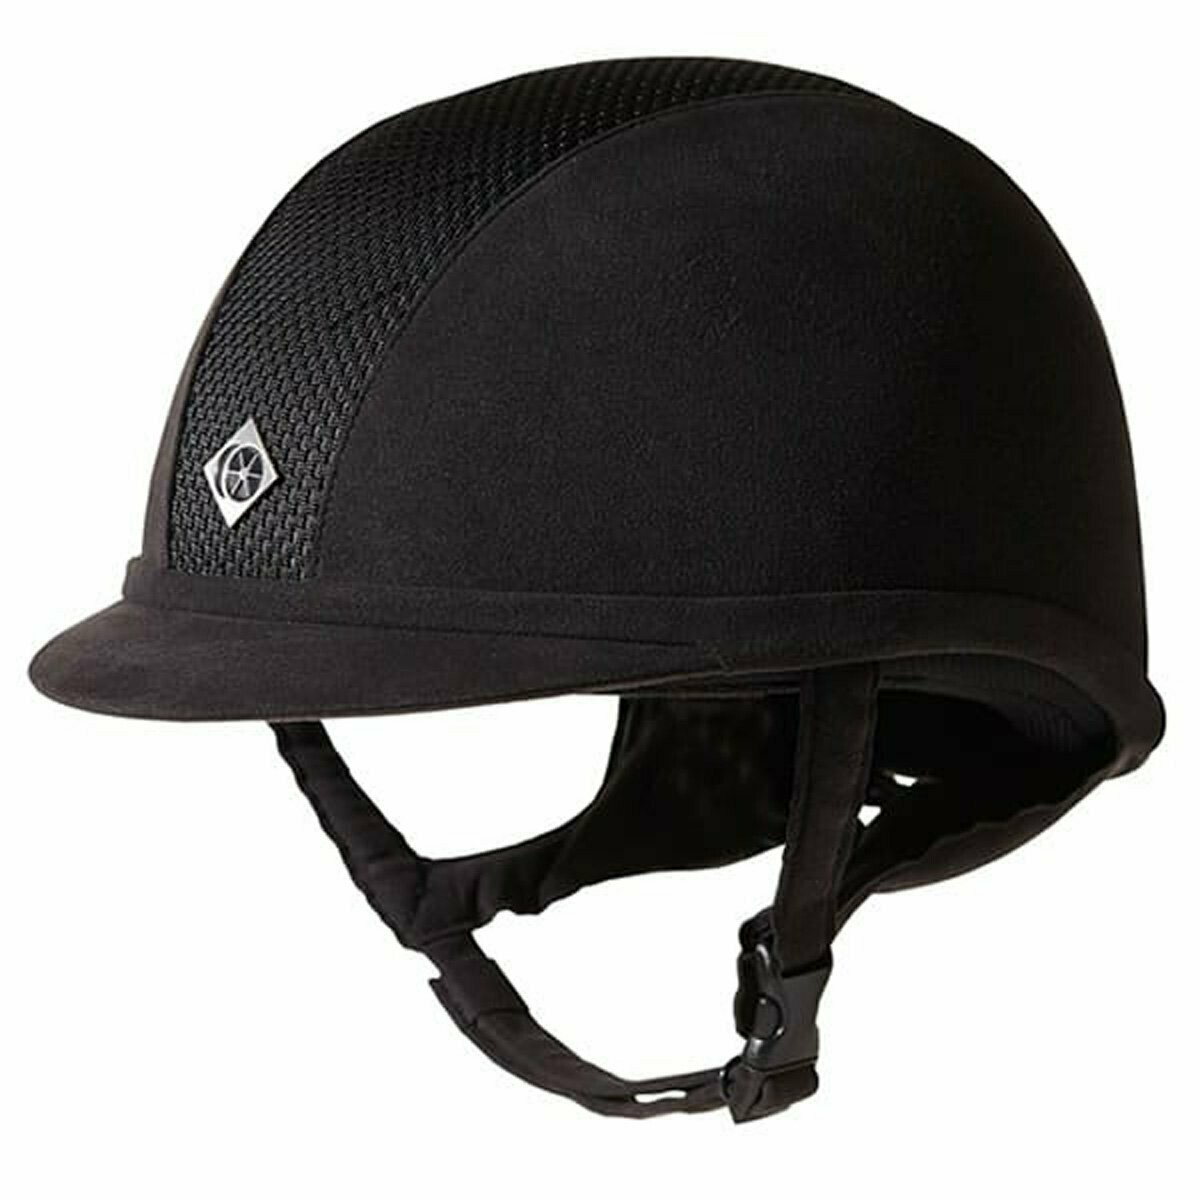 Charles Owen Ayr8® Plus Helmet (Black/Black)